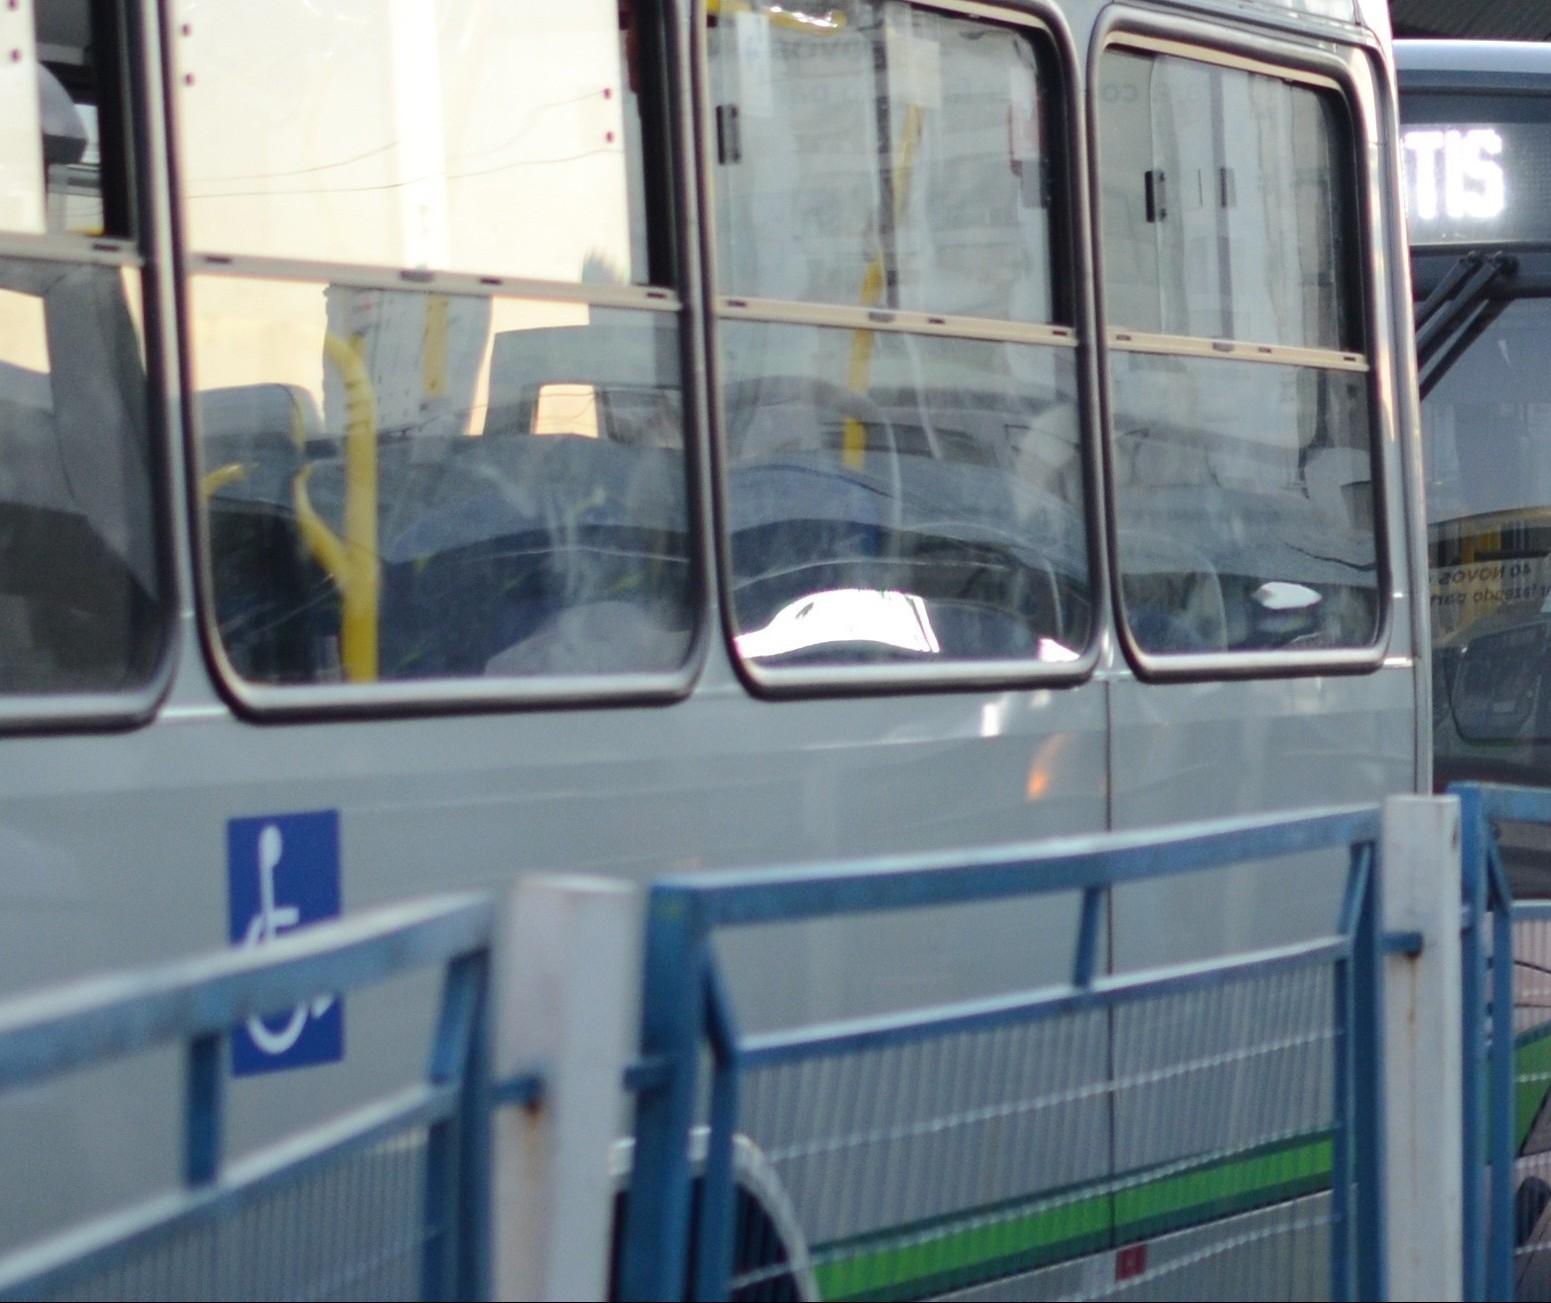 Subsídio de R$0,45 na tarifa do transporte coletivo teria estimulado decisão de greve